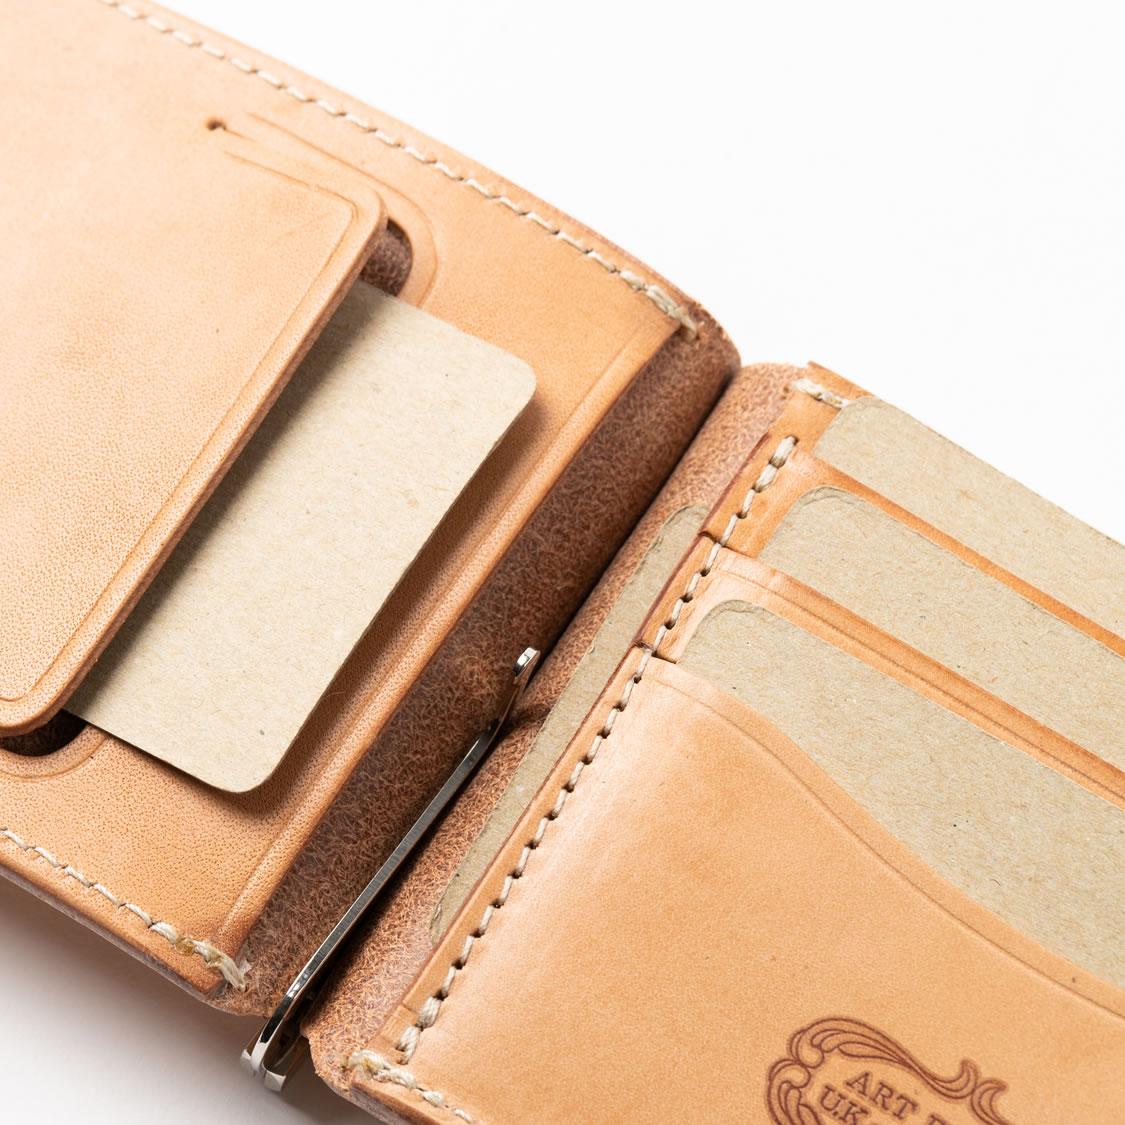 お札をはさみ込む機能以外にも、カードポケットや小銭入れなど、お財布の延長線上にあるモデルお多く、初心者にオススメといえます。